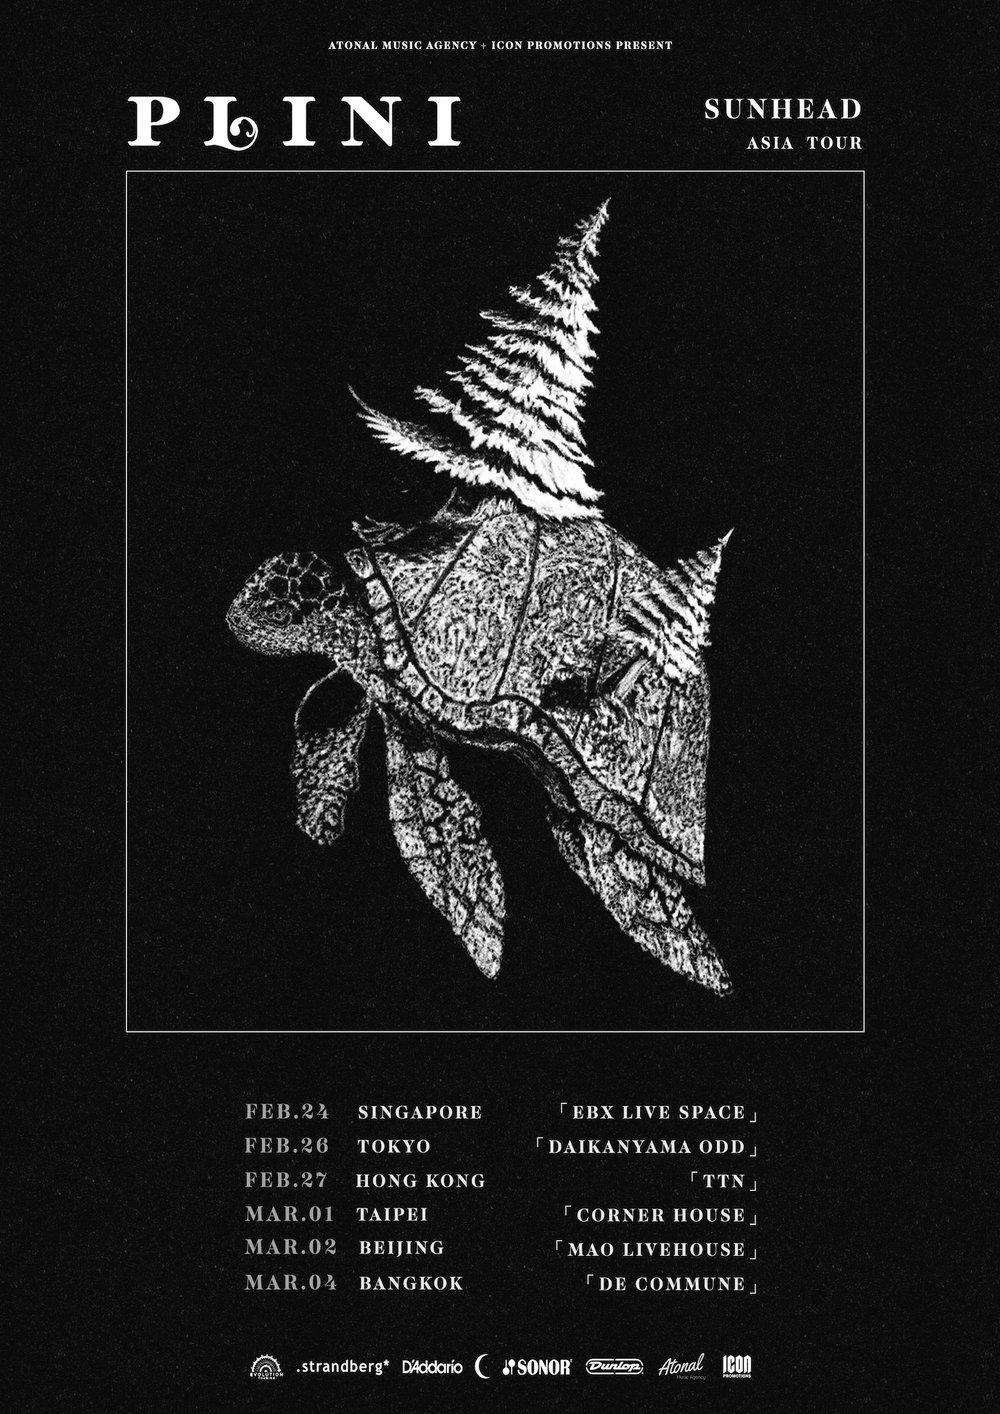 Plini (Aus) - Asian tour